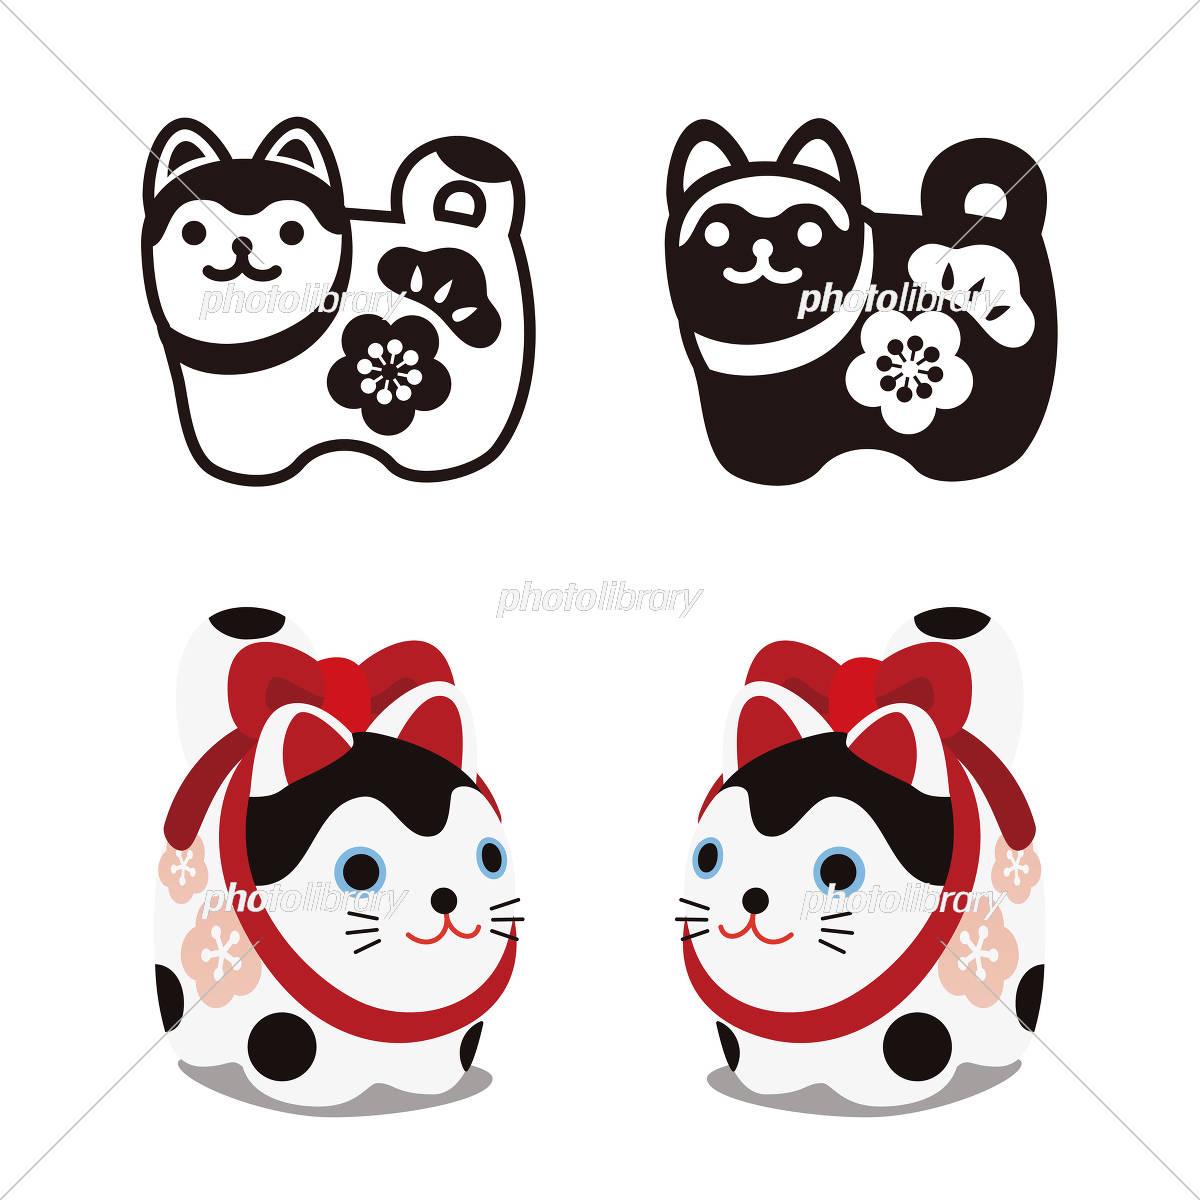 狛犬のアイコンイラスト カラーと白黒 イラスト素材 [ 5356497